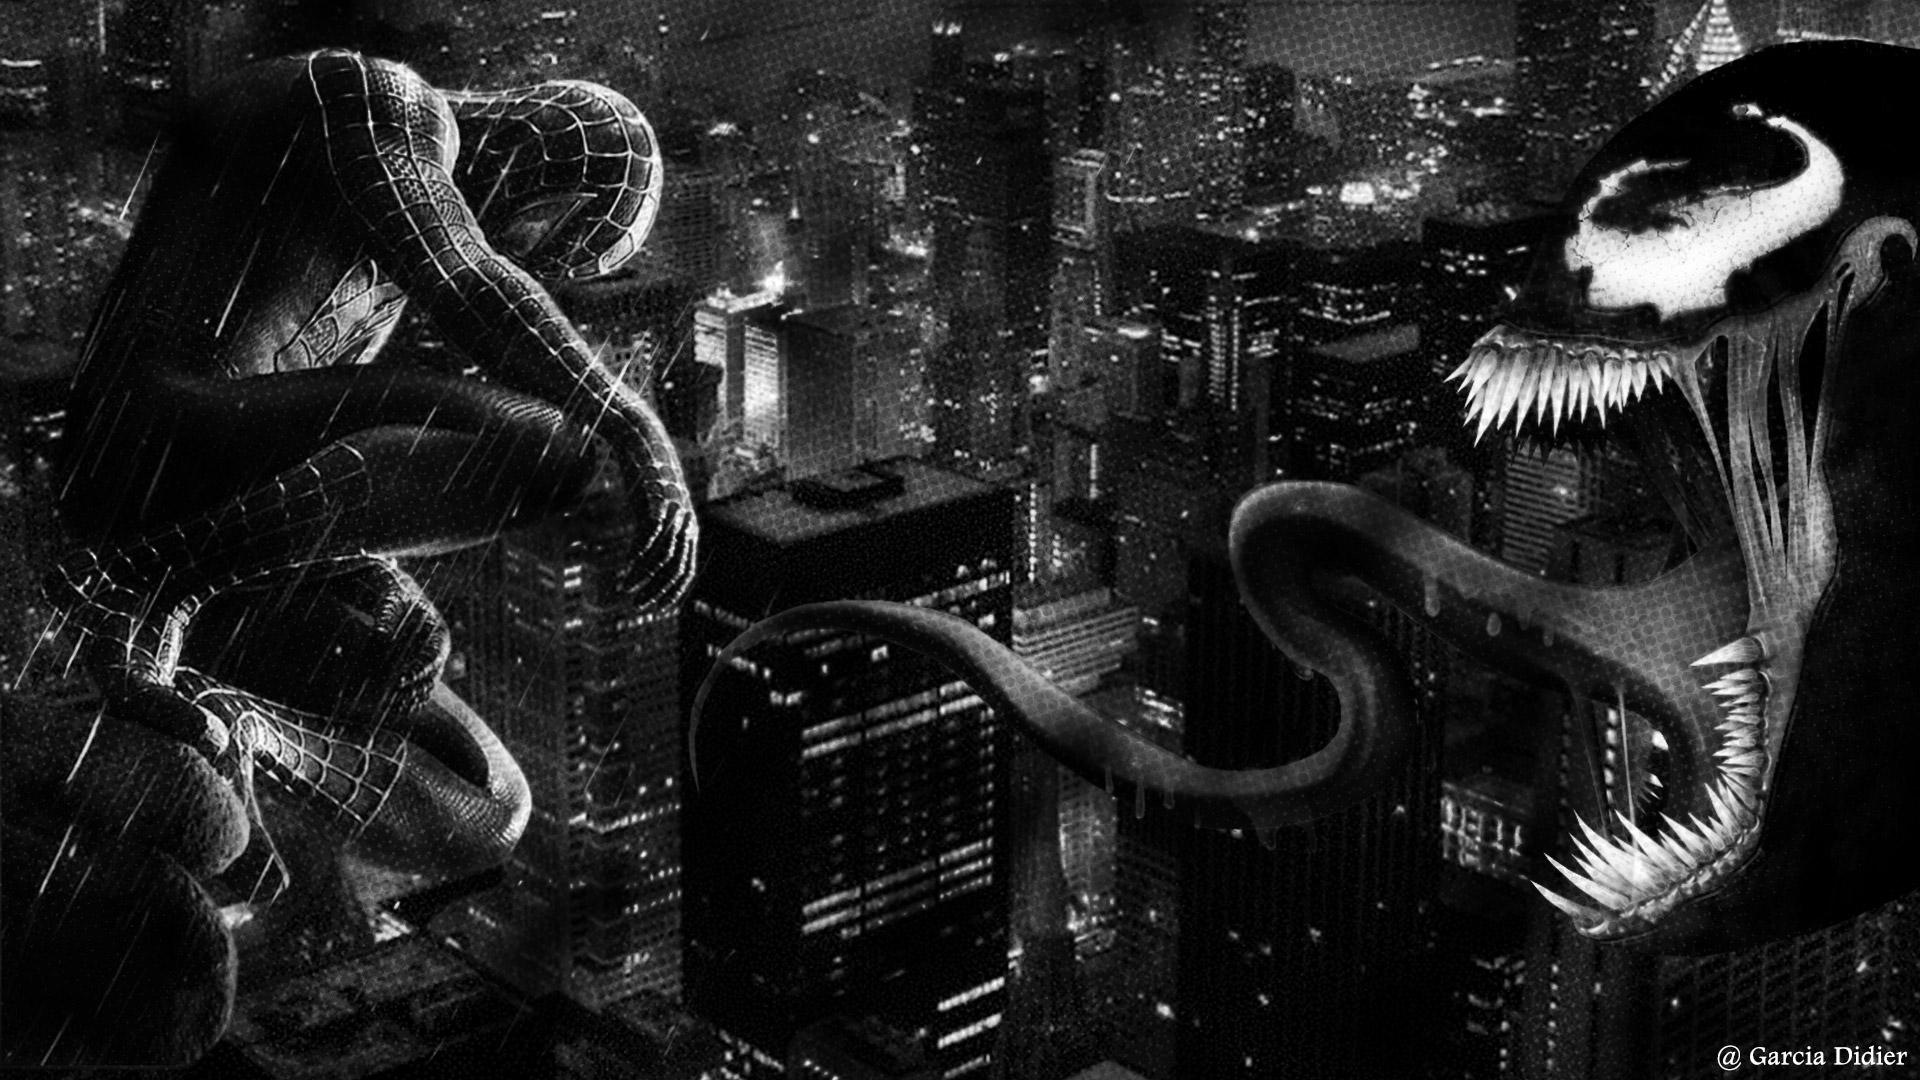 Fond-ecran-spiderman by dgarcia57 on DeviantArt